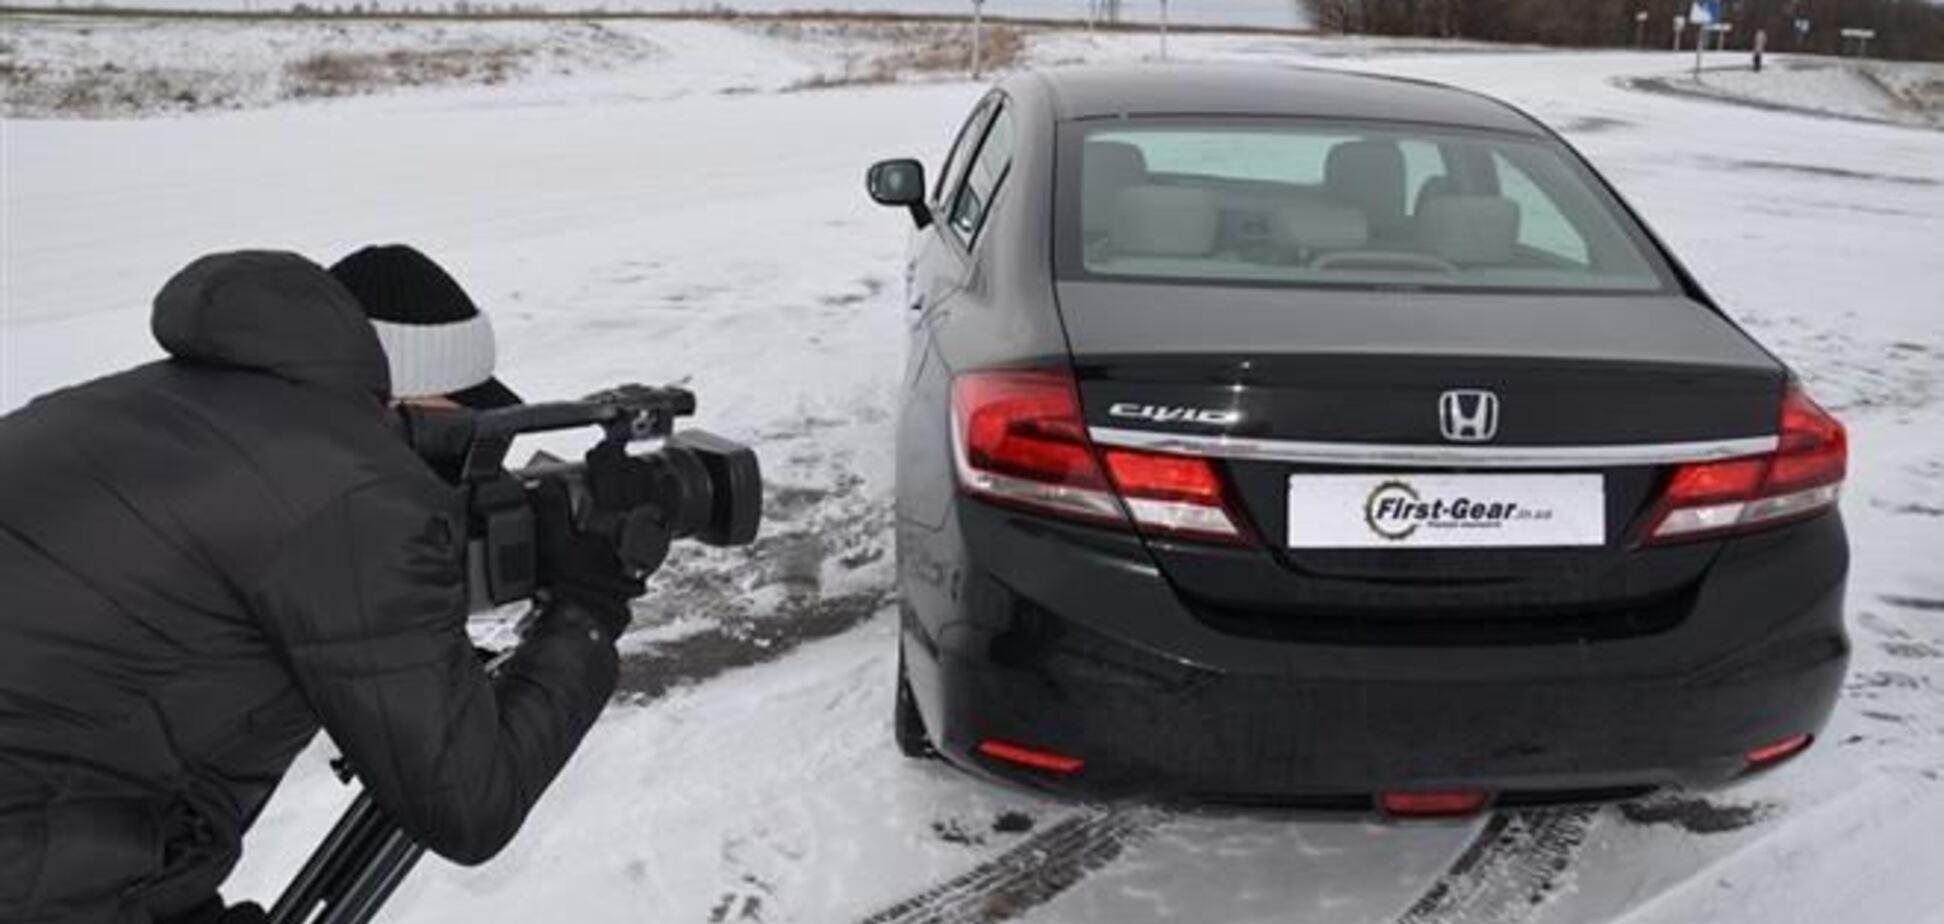 Тест-Драйв Honda Civic 4D: Минус спорт, плюс комфорт